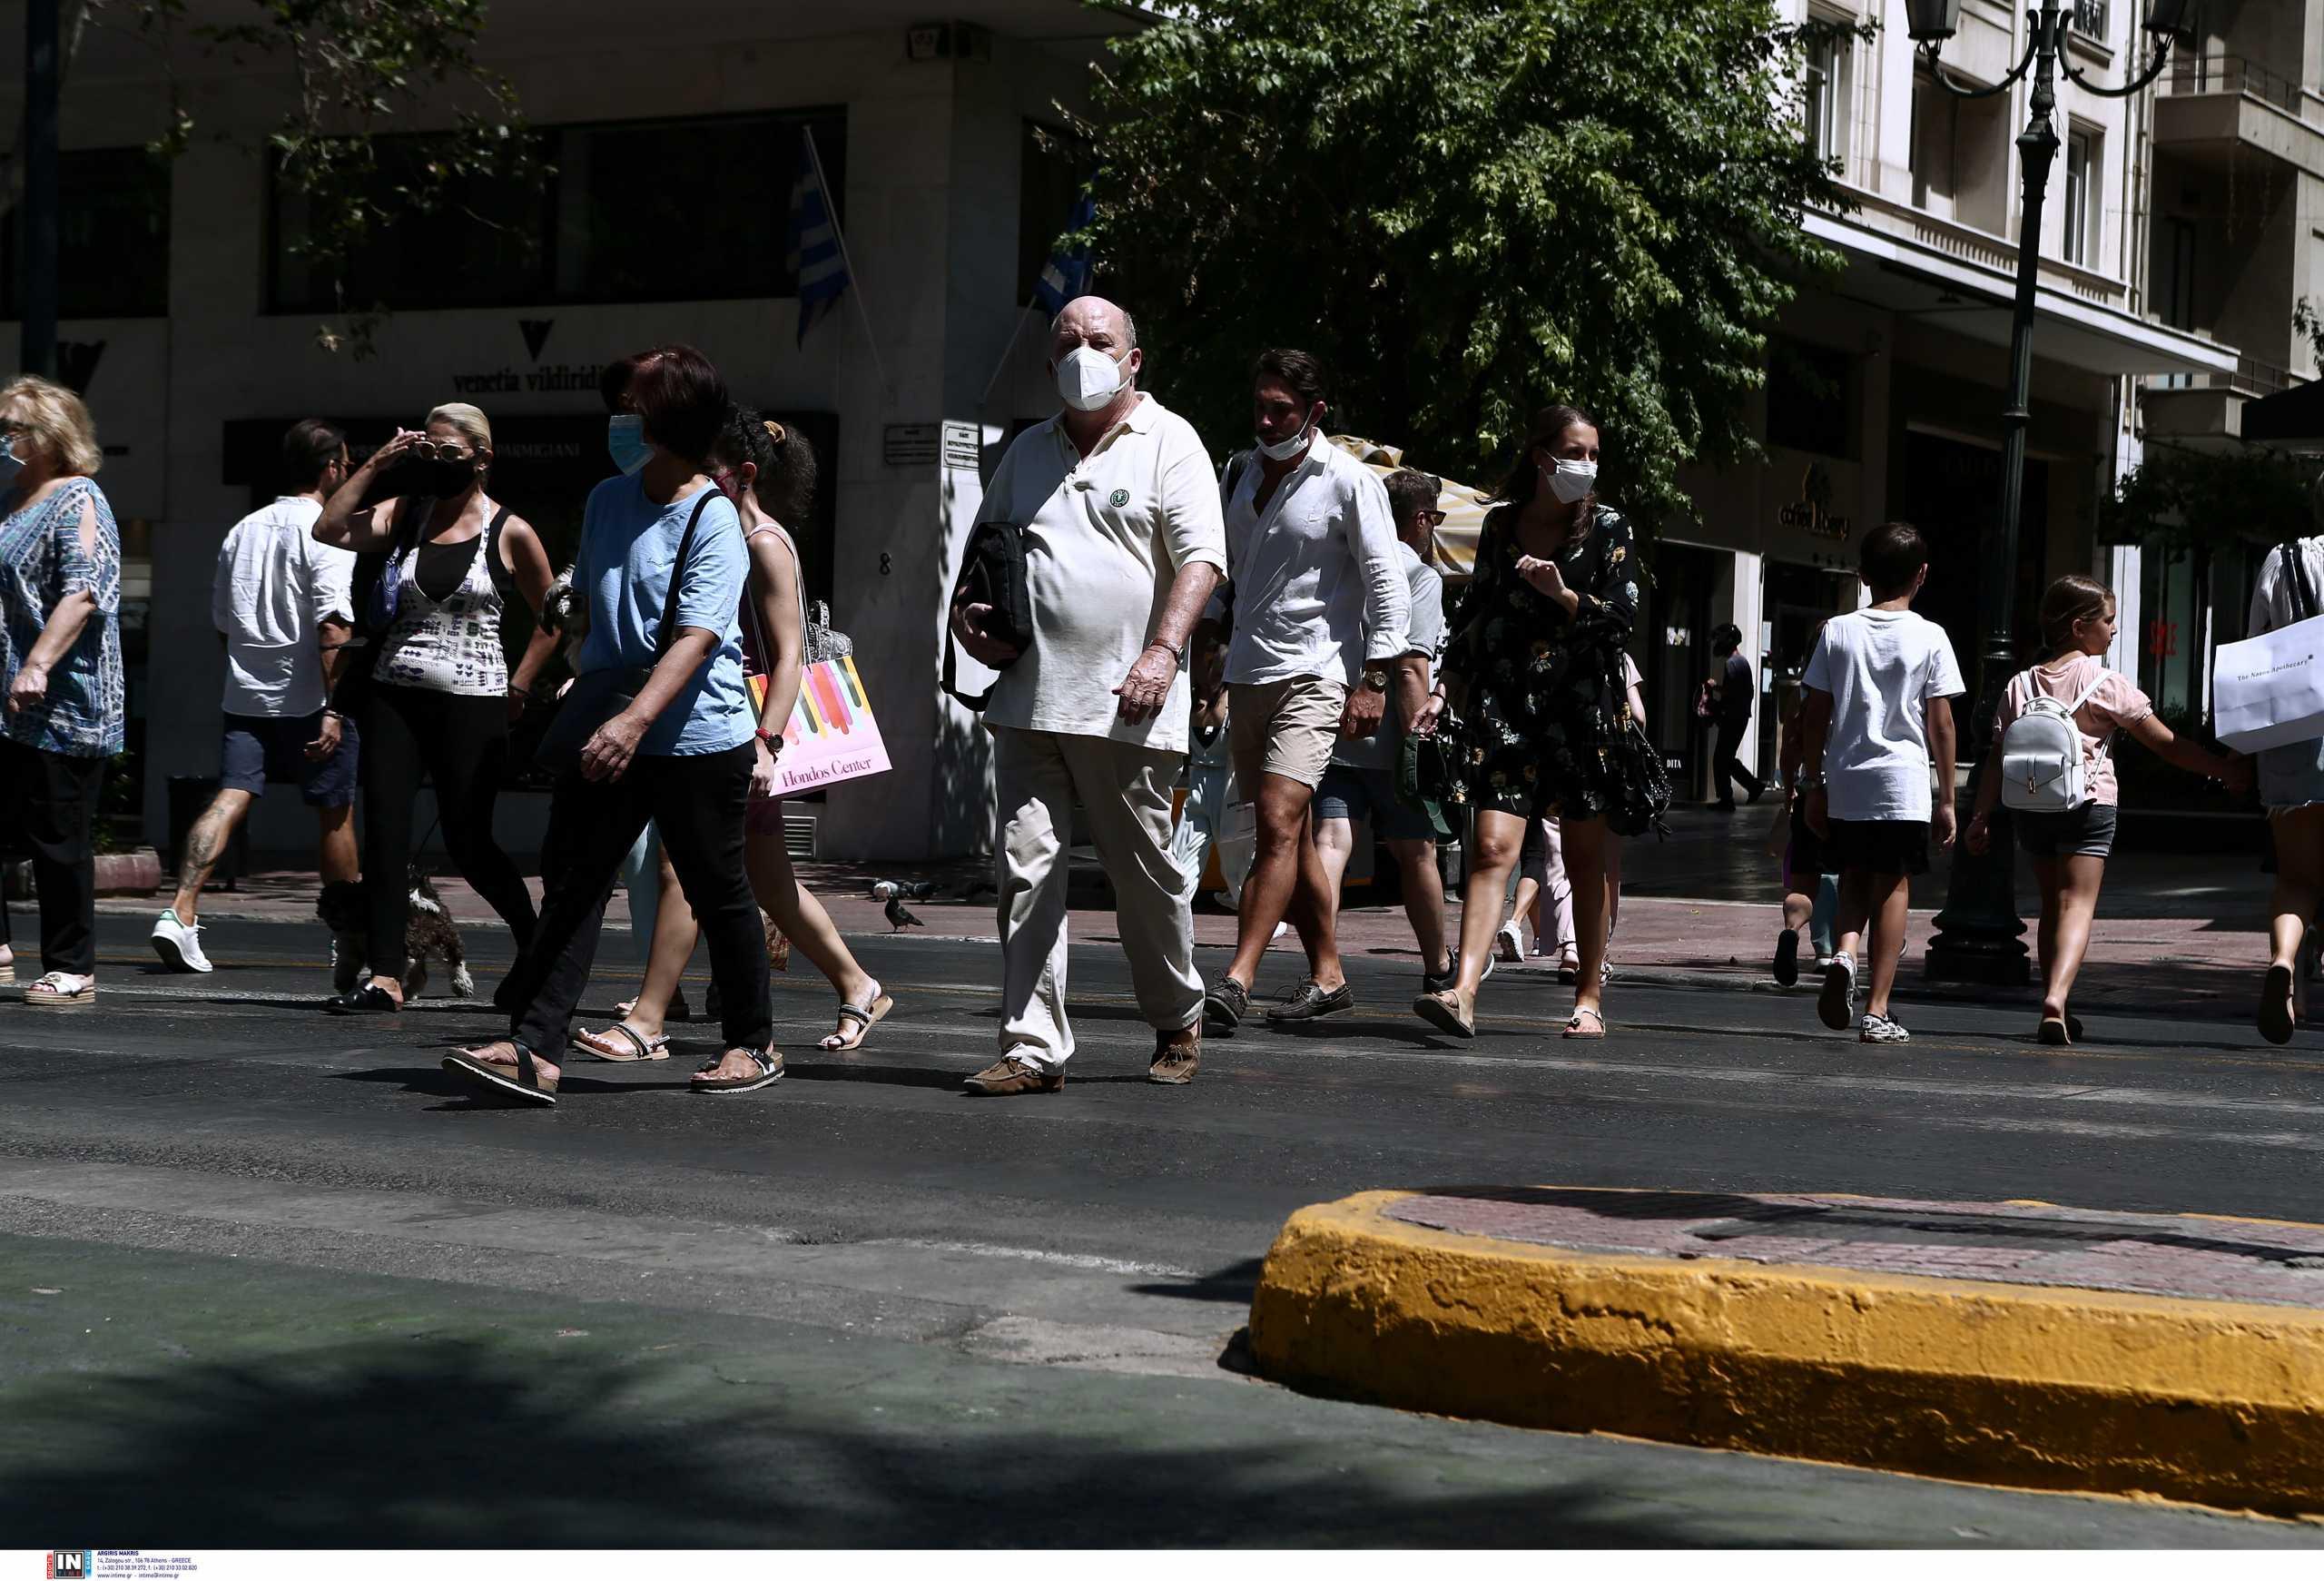 Τζανάκης: Γιατί ενδέχεται να μειωθούν τα κρούσματα κορονοϊού από μέσα Σεπτεμβρίου